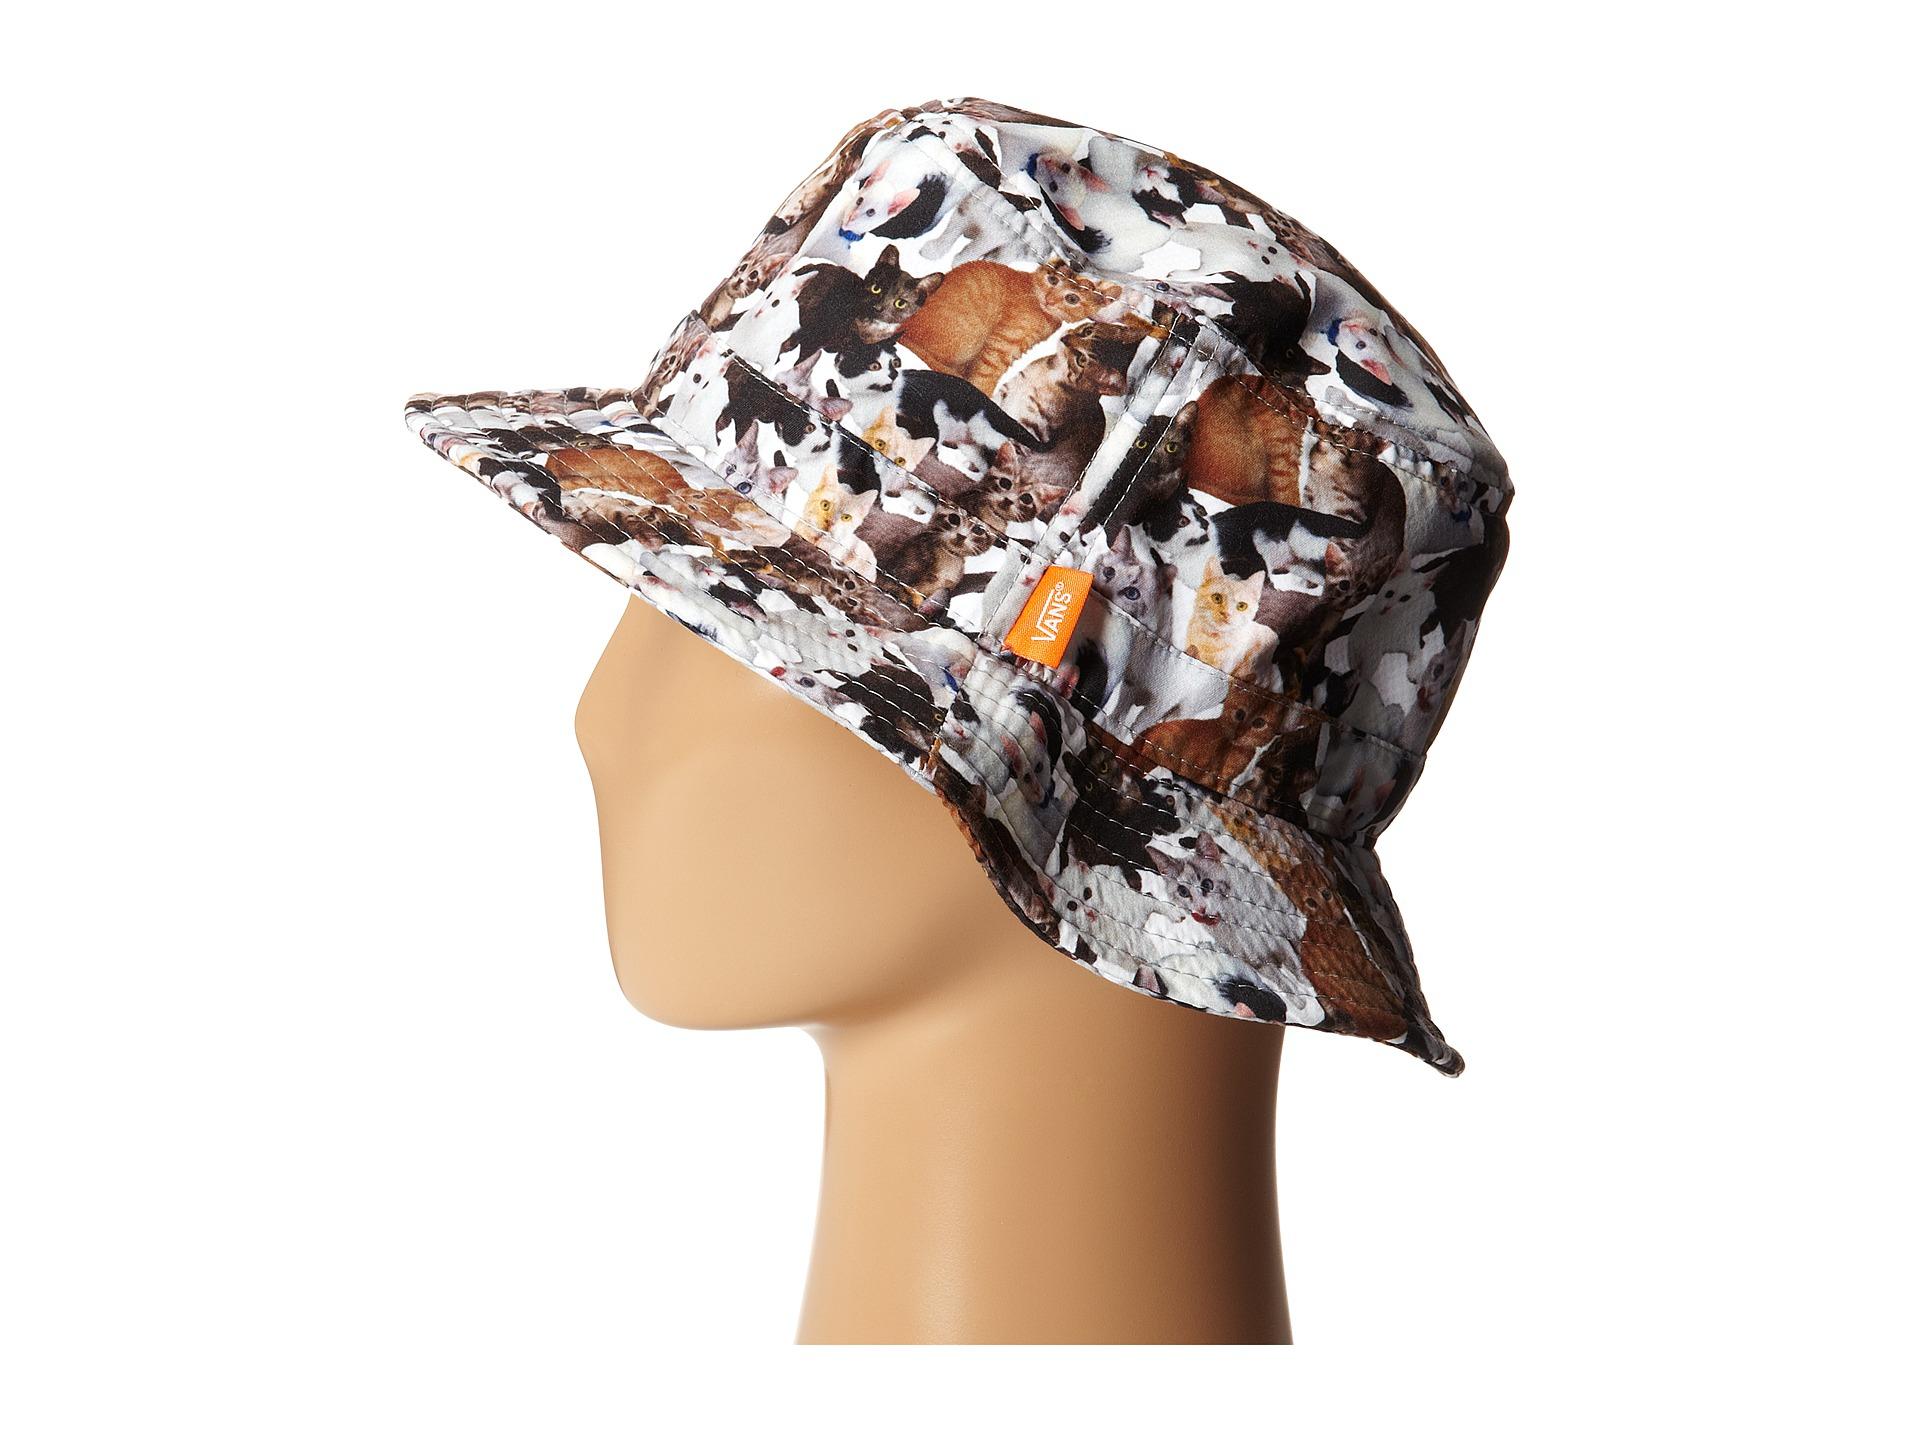 ddc0d81749 Lyst - Vans ® X Aspca® Bucket Hat